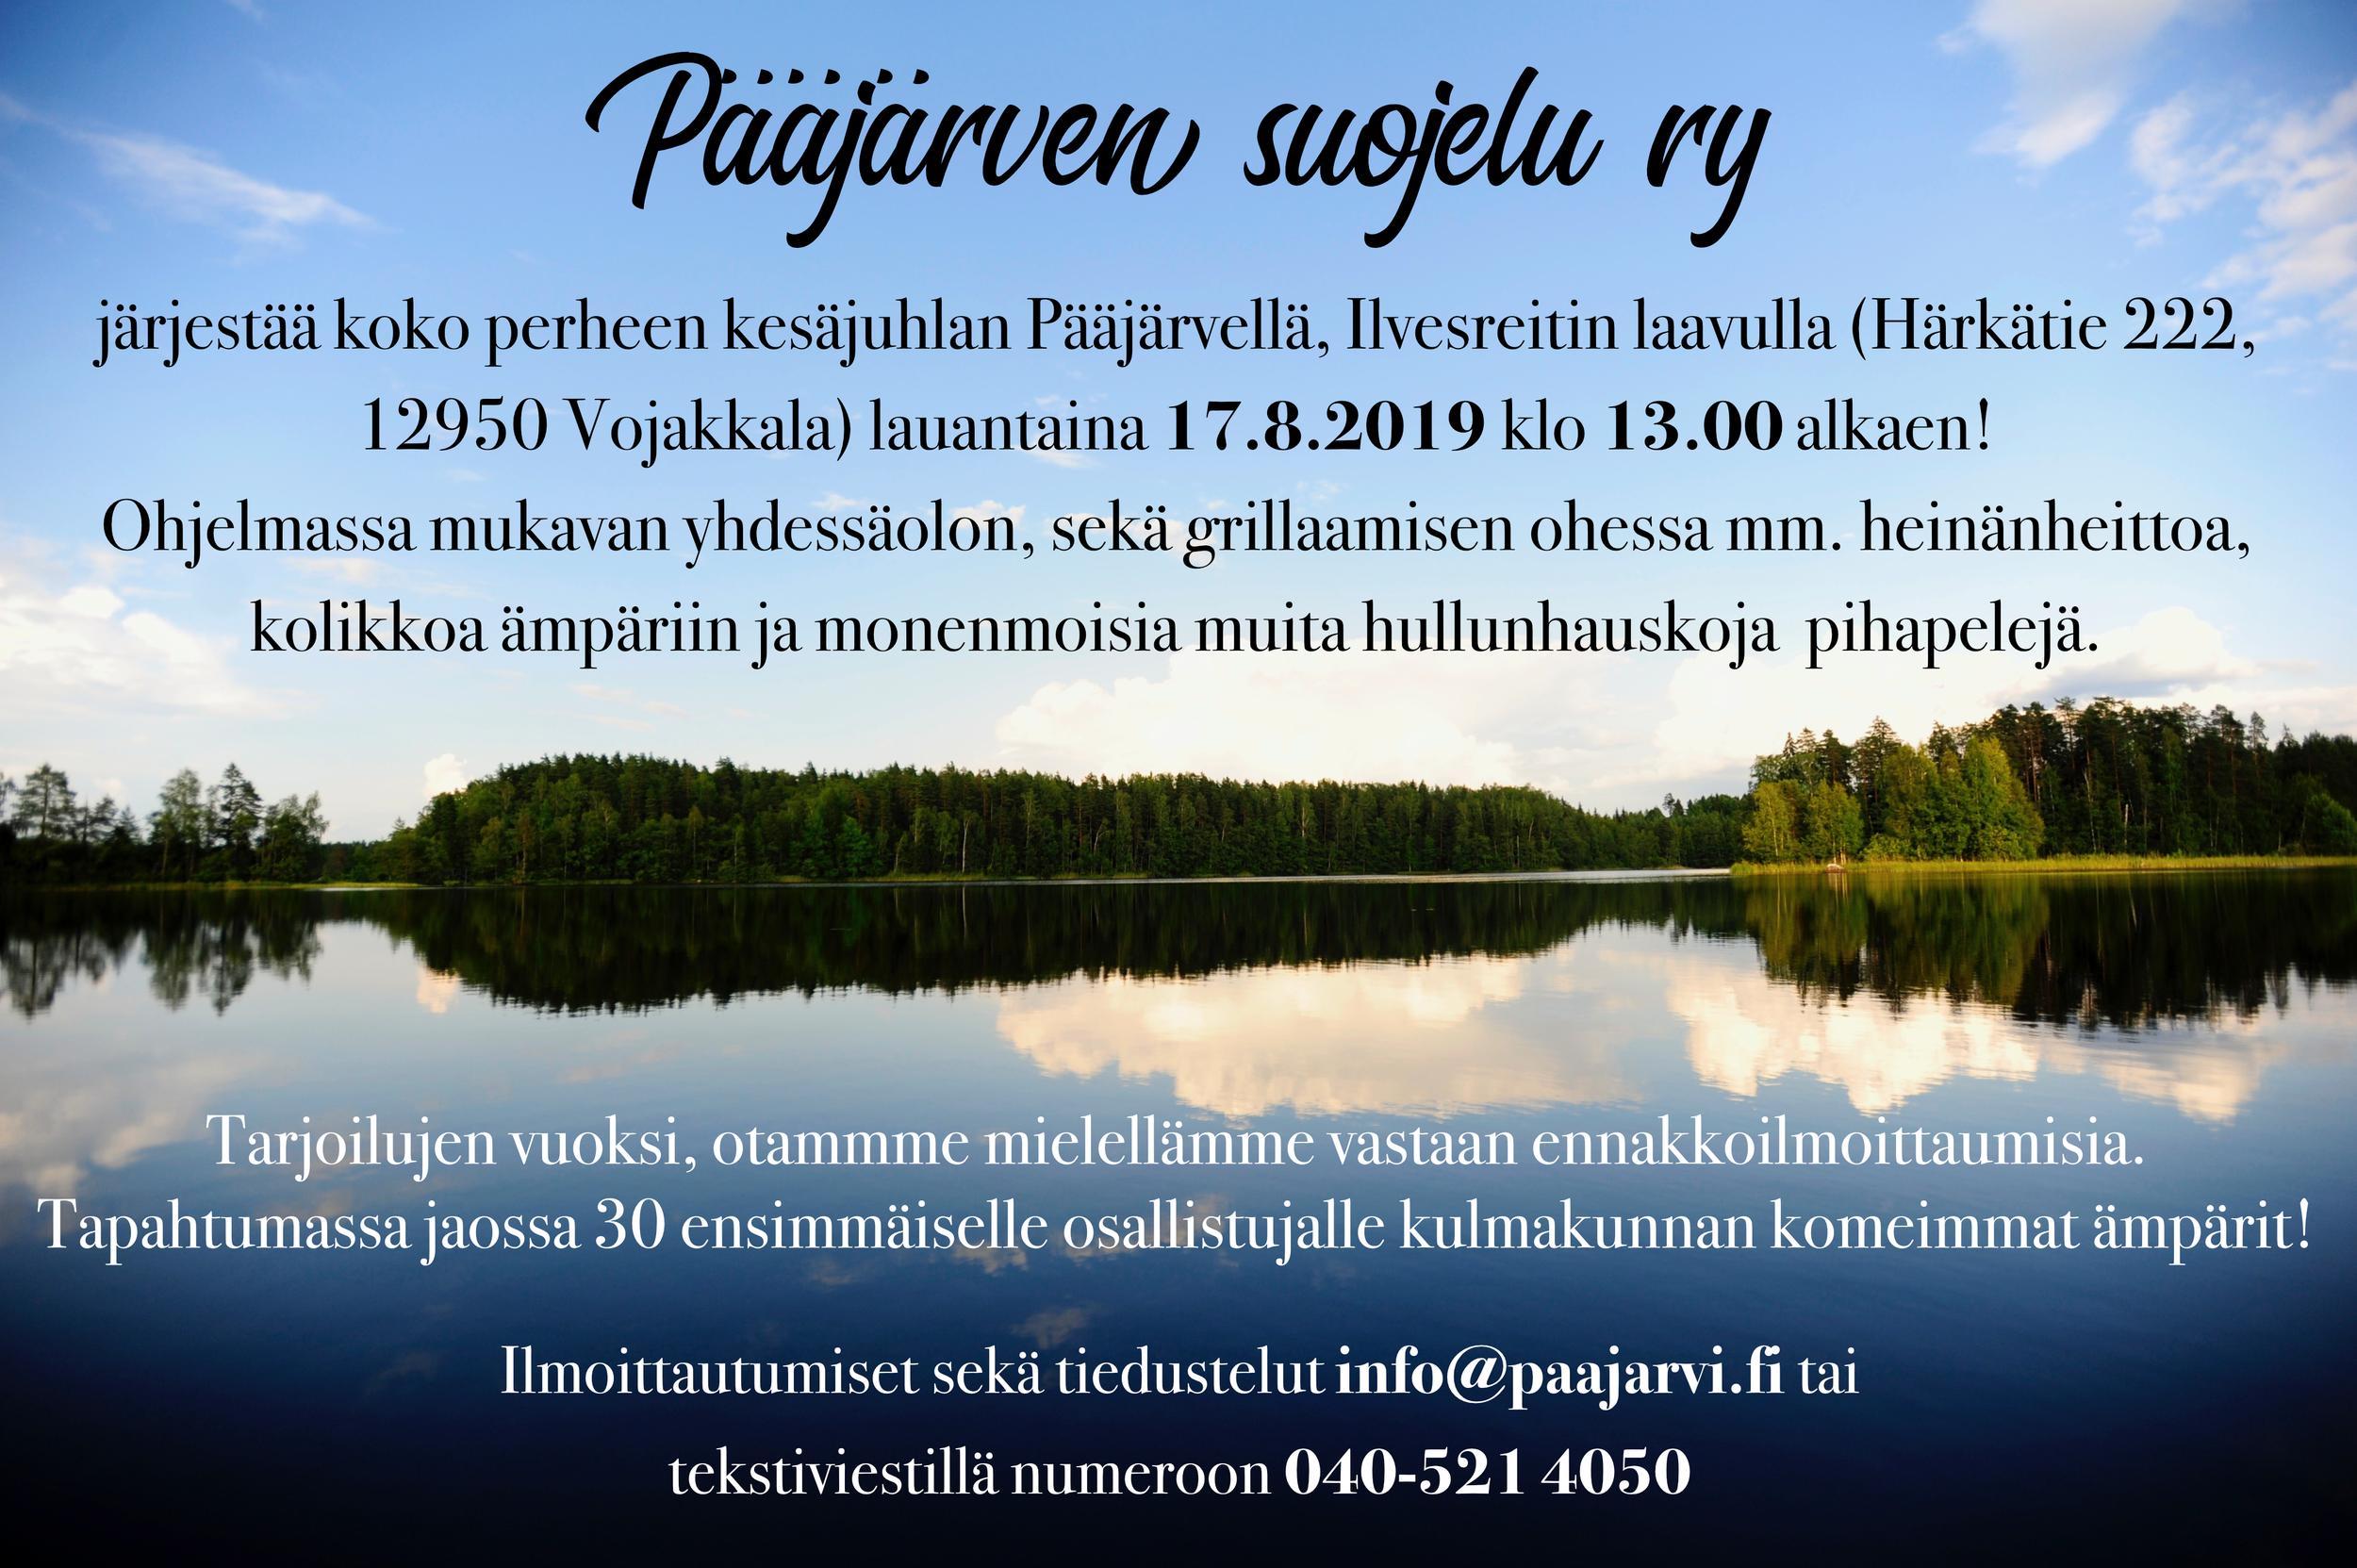 Kutsu Pääjärven suojelu ry kesäjuhlaan.png